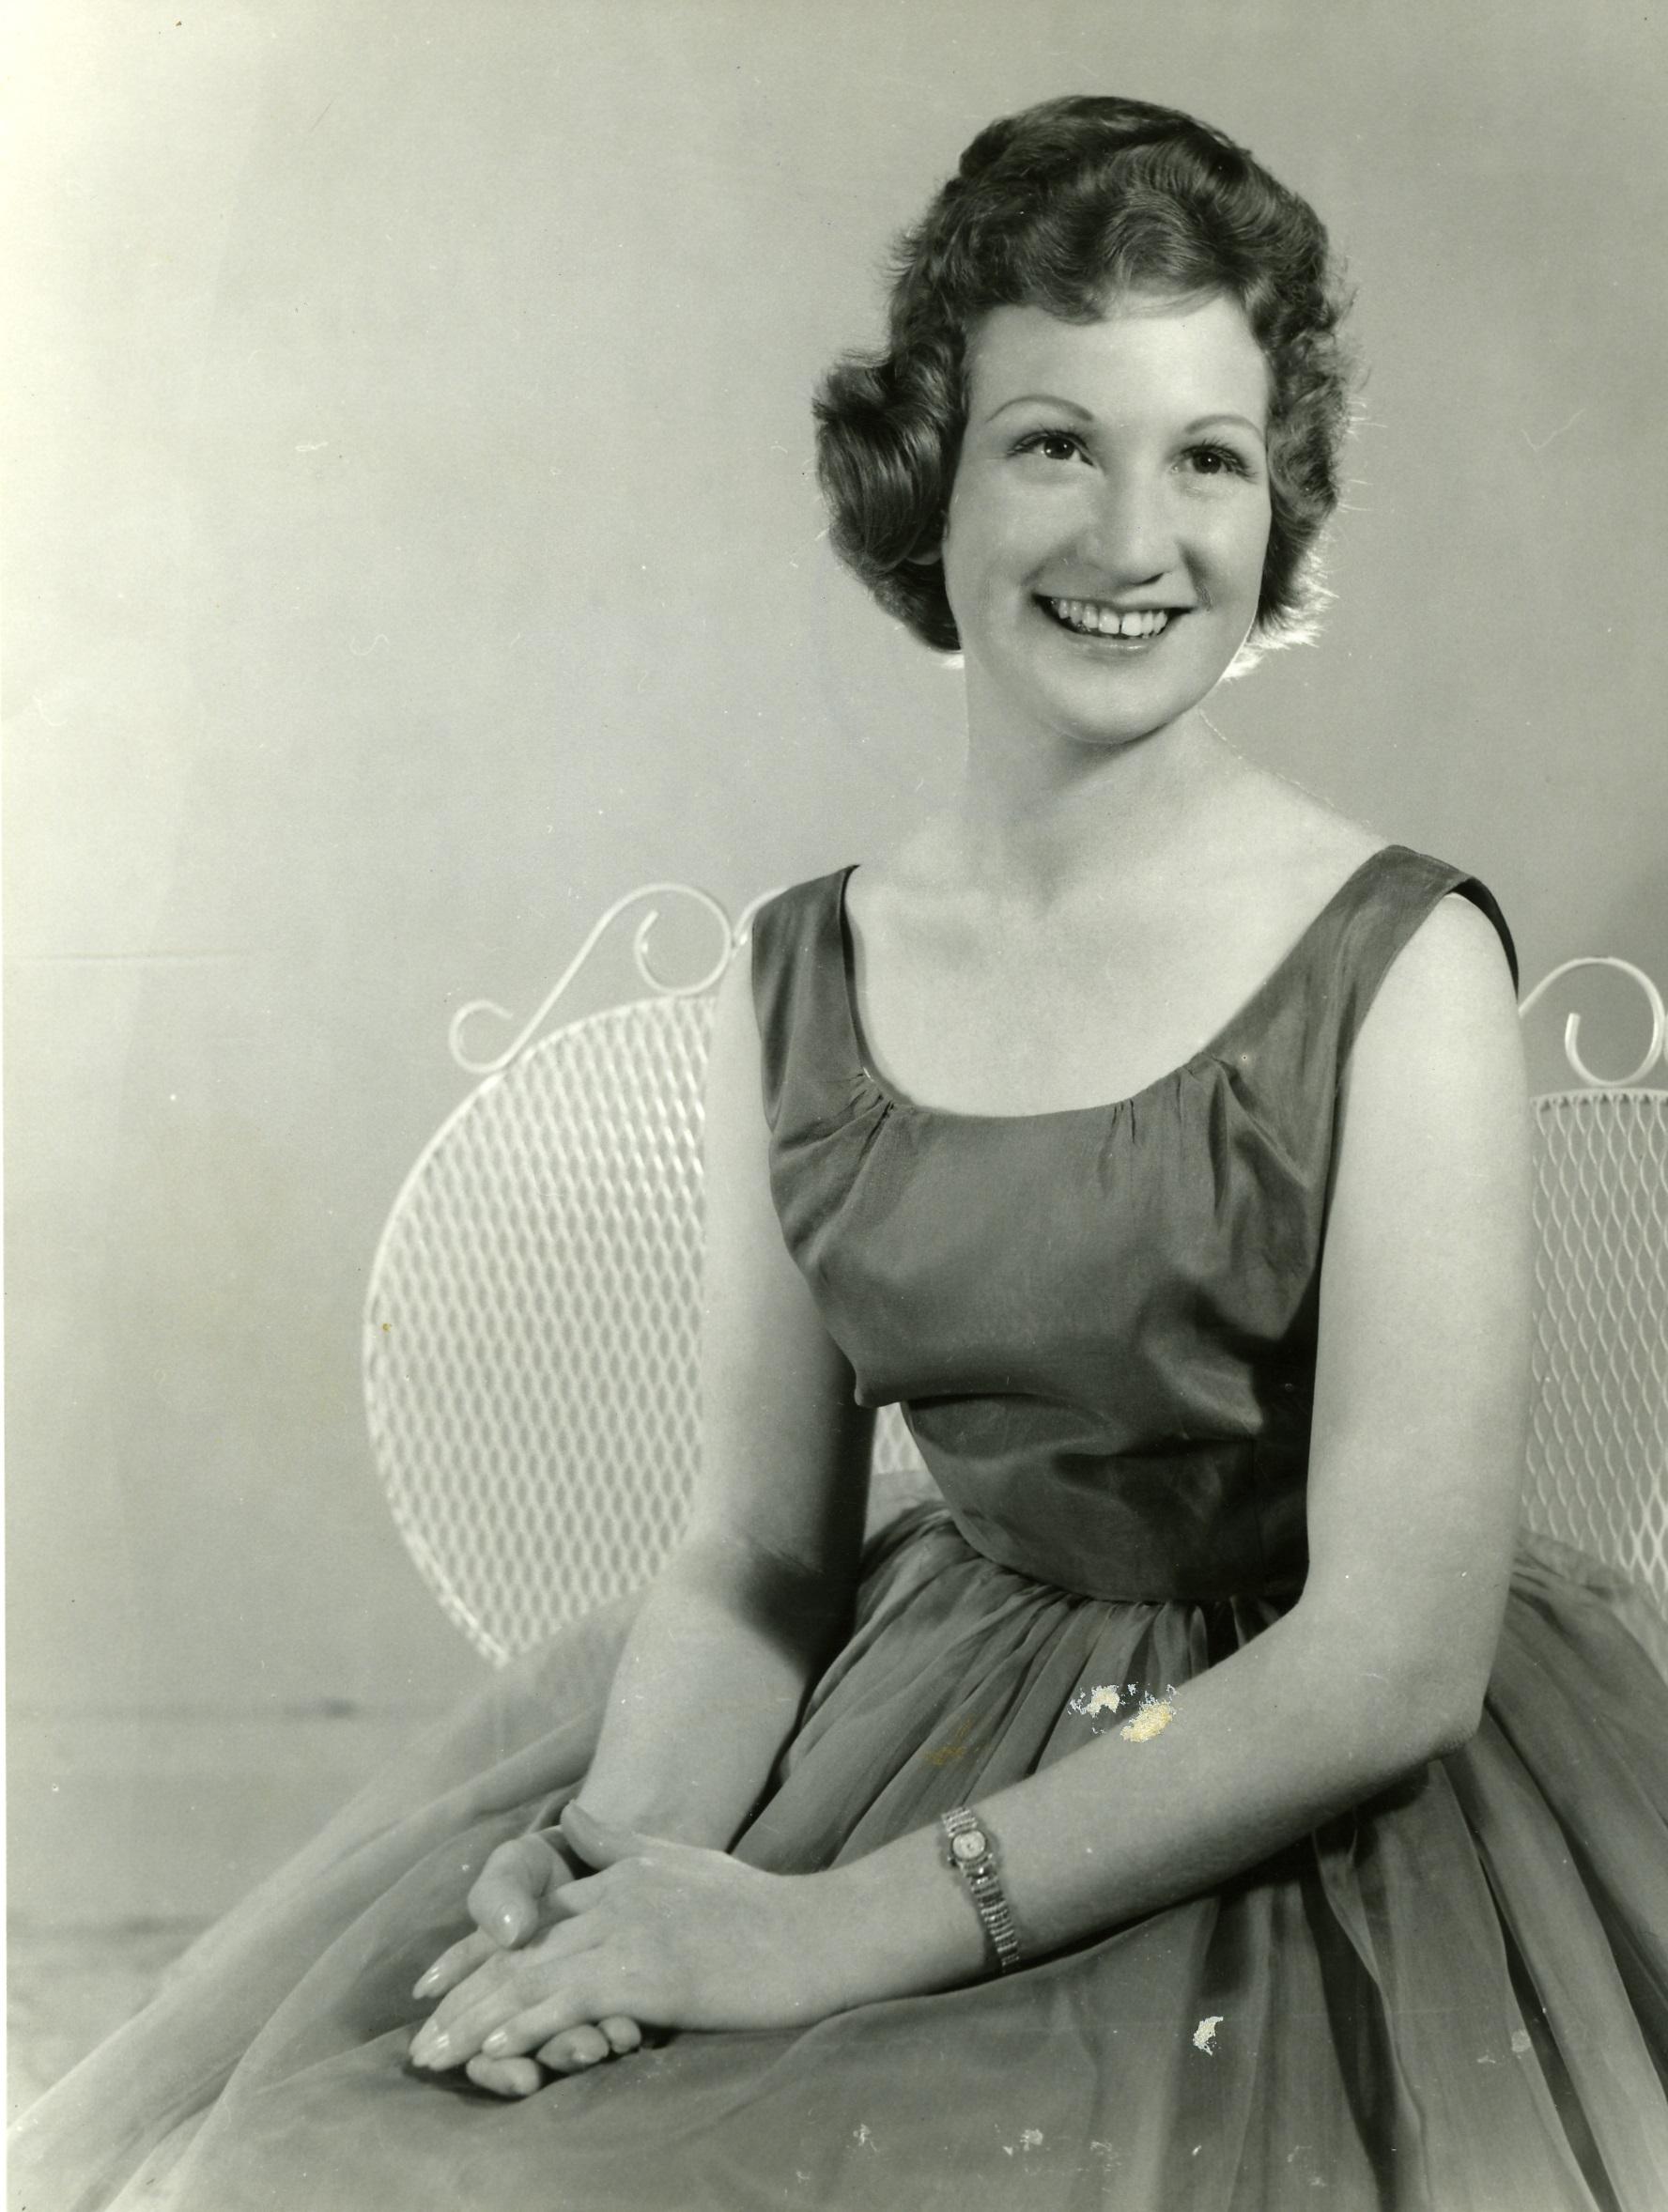 Patricia Essex